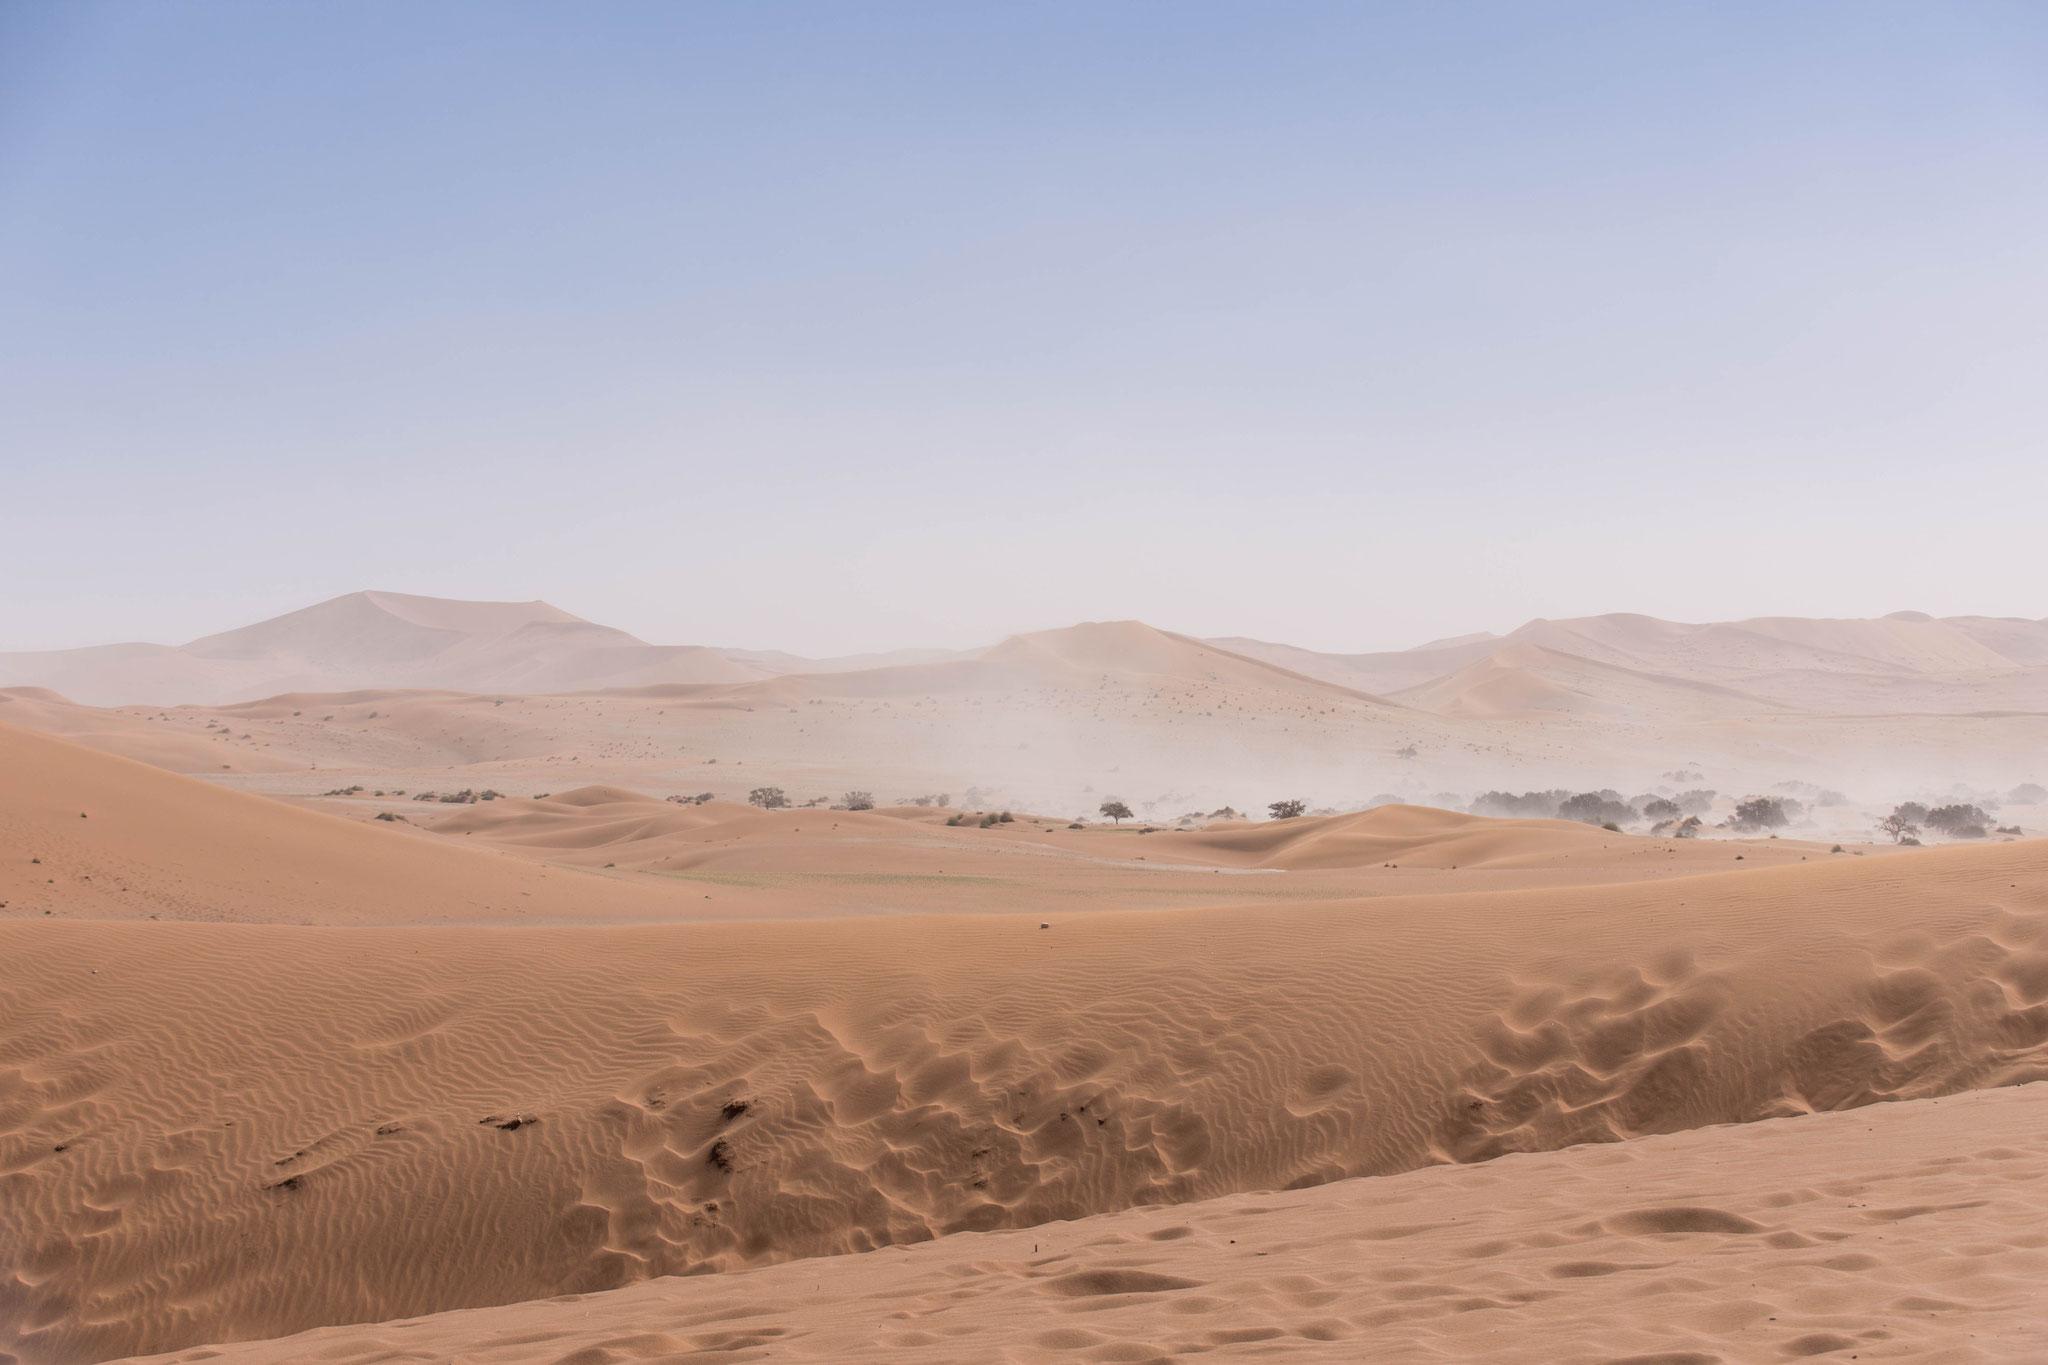 Sandsturm im Tal - Namib